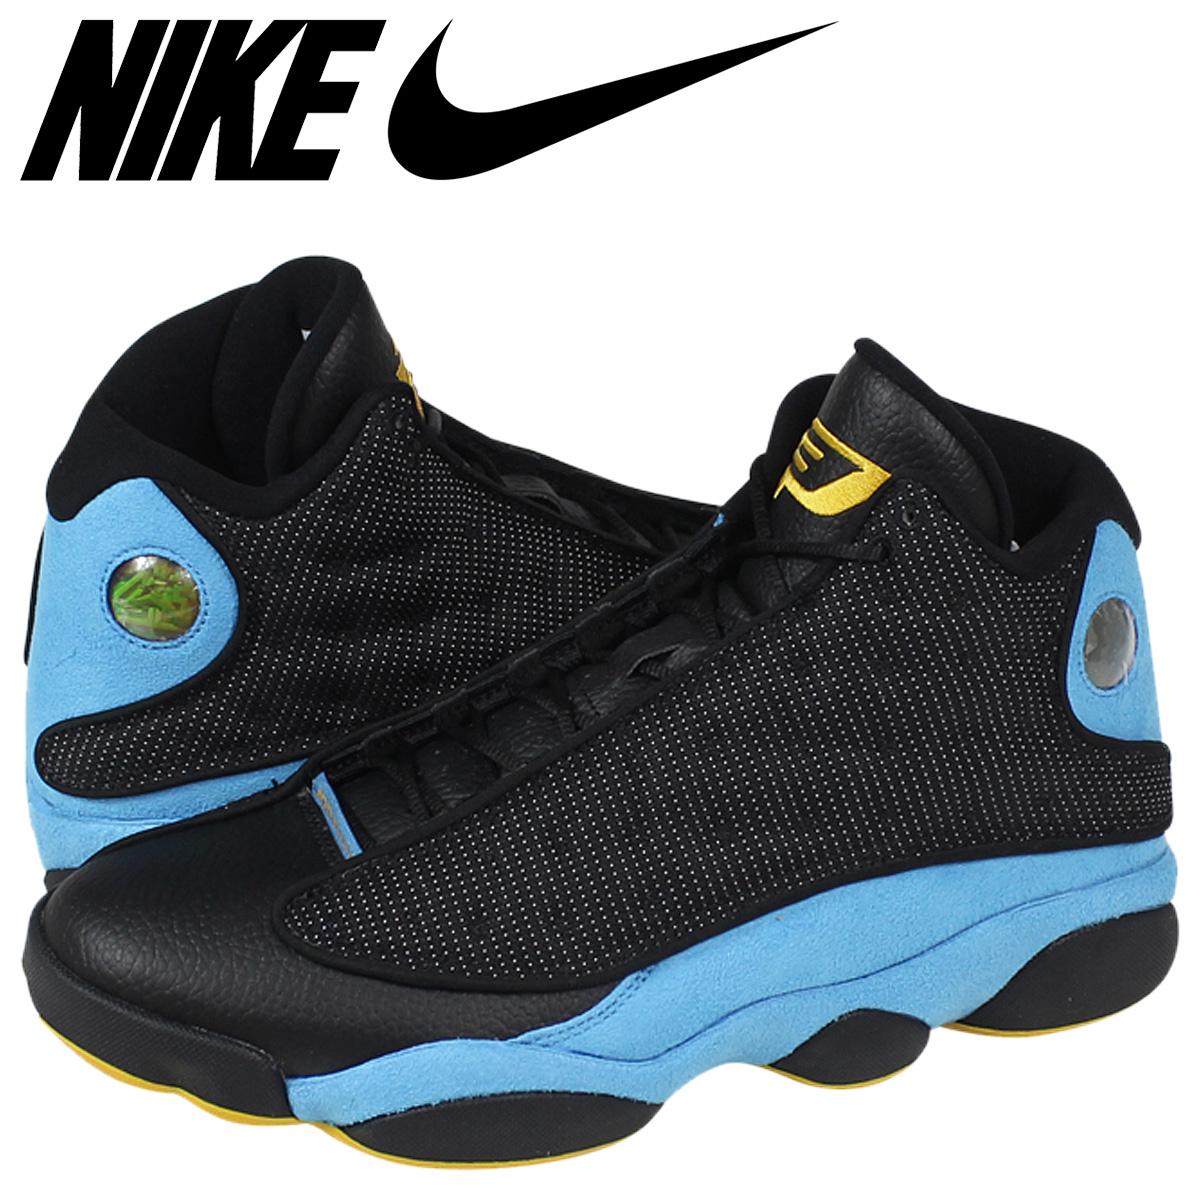 sneakers for cheap 0902a d0b6a Nike NIKE Air Jordan sneakers AIR JORDAN 13 RETRO CP3 Air Jordan 13 retro  Chris Paul 823902-015 black mens